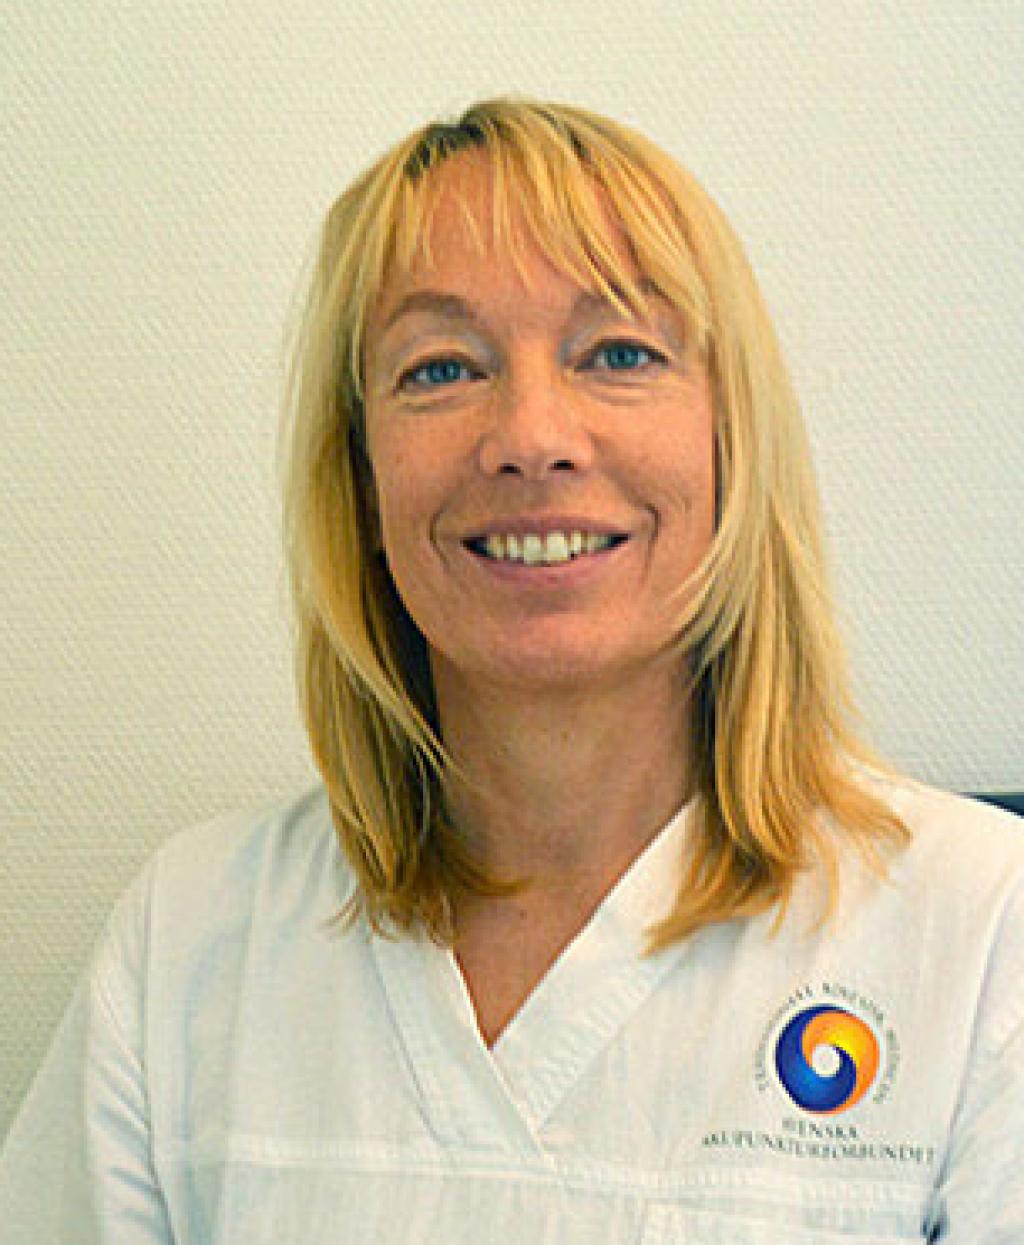 Karin.png